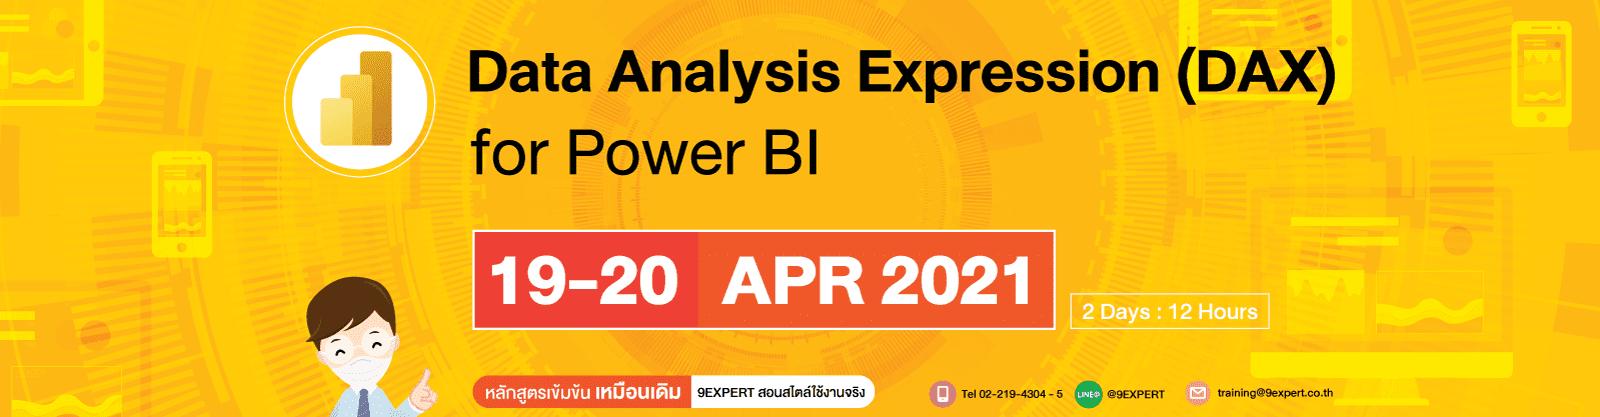 หลักสูตร Data Analysis Expression (DAX) for Power BI (2days) 19-20 เมย. 2564